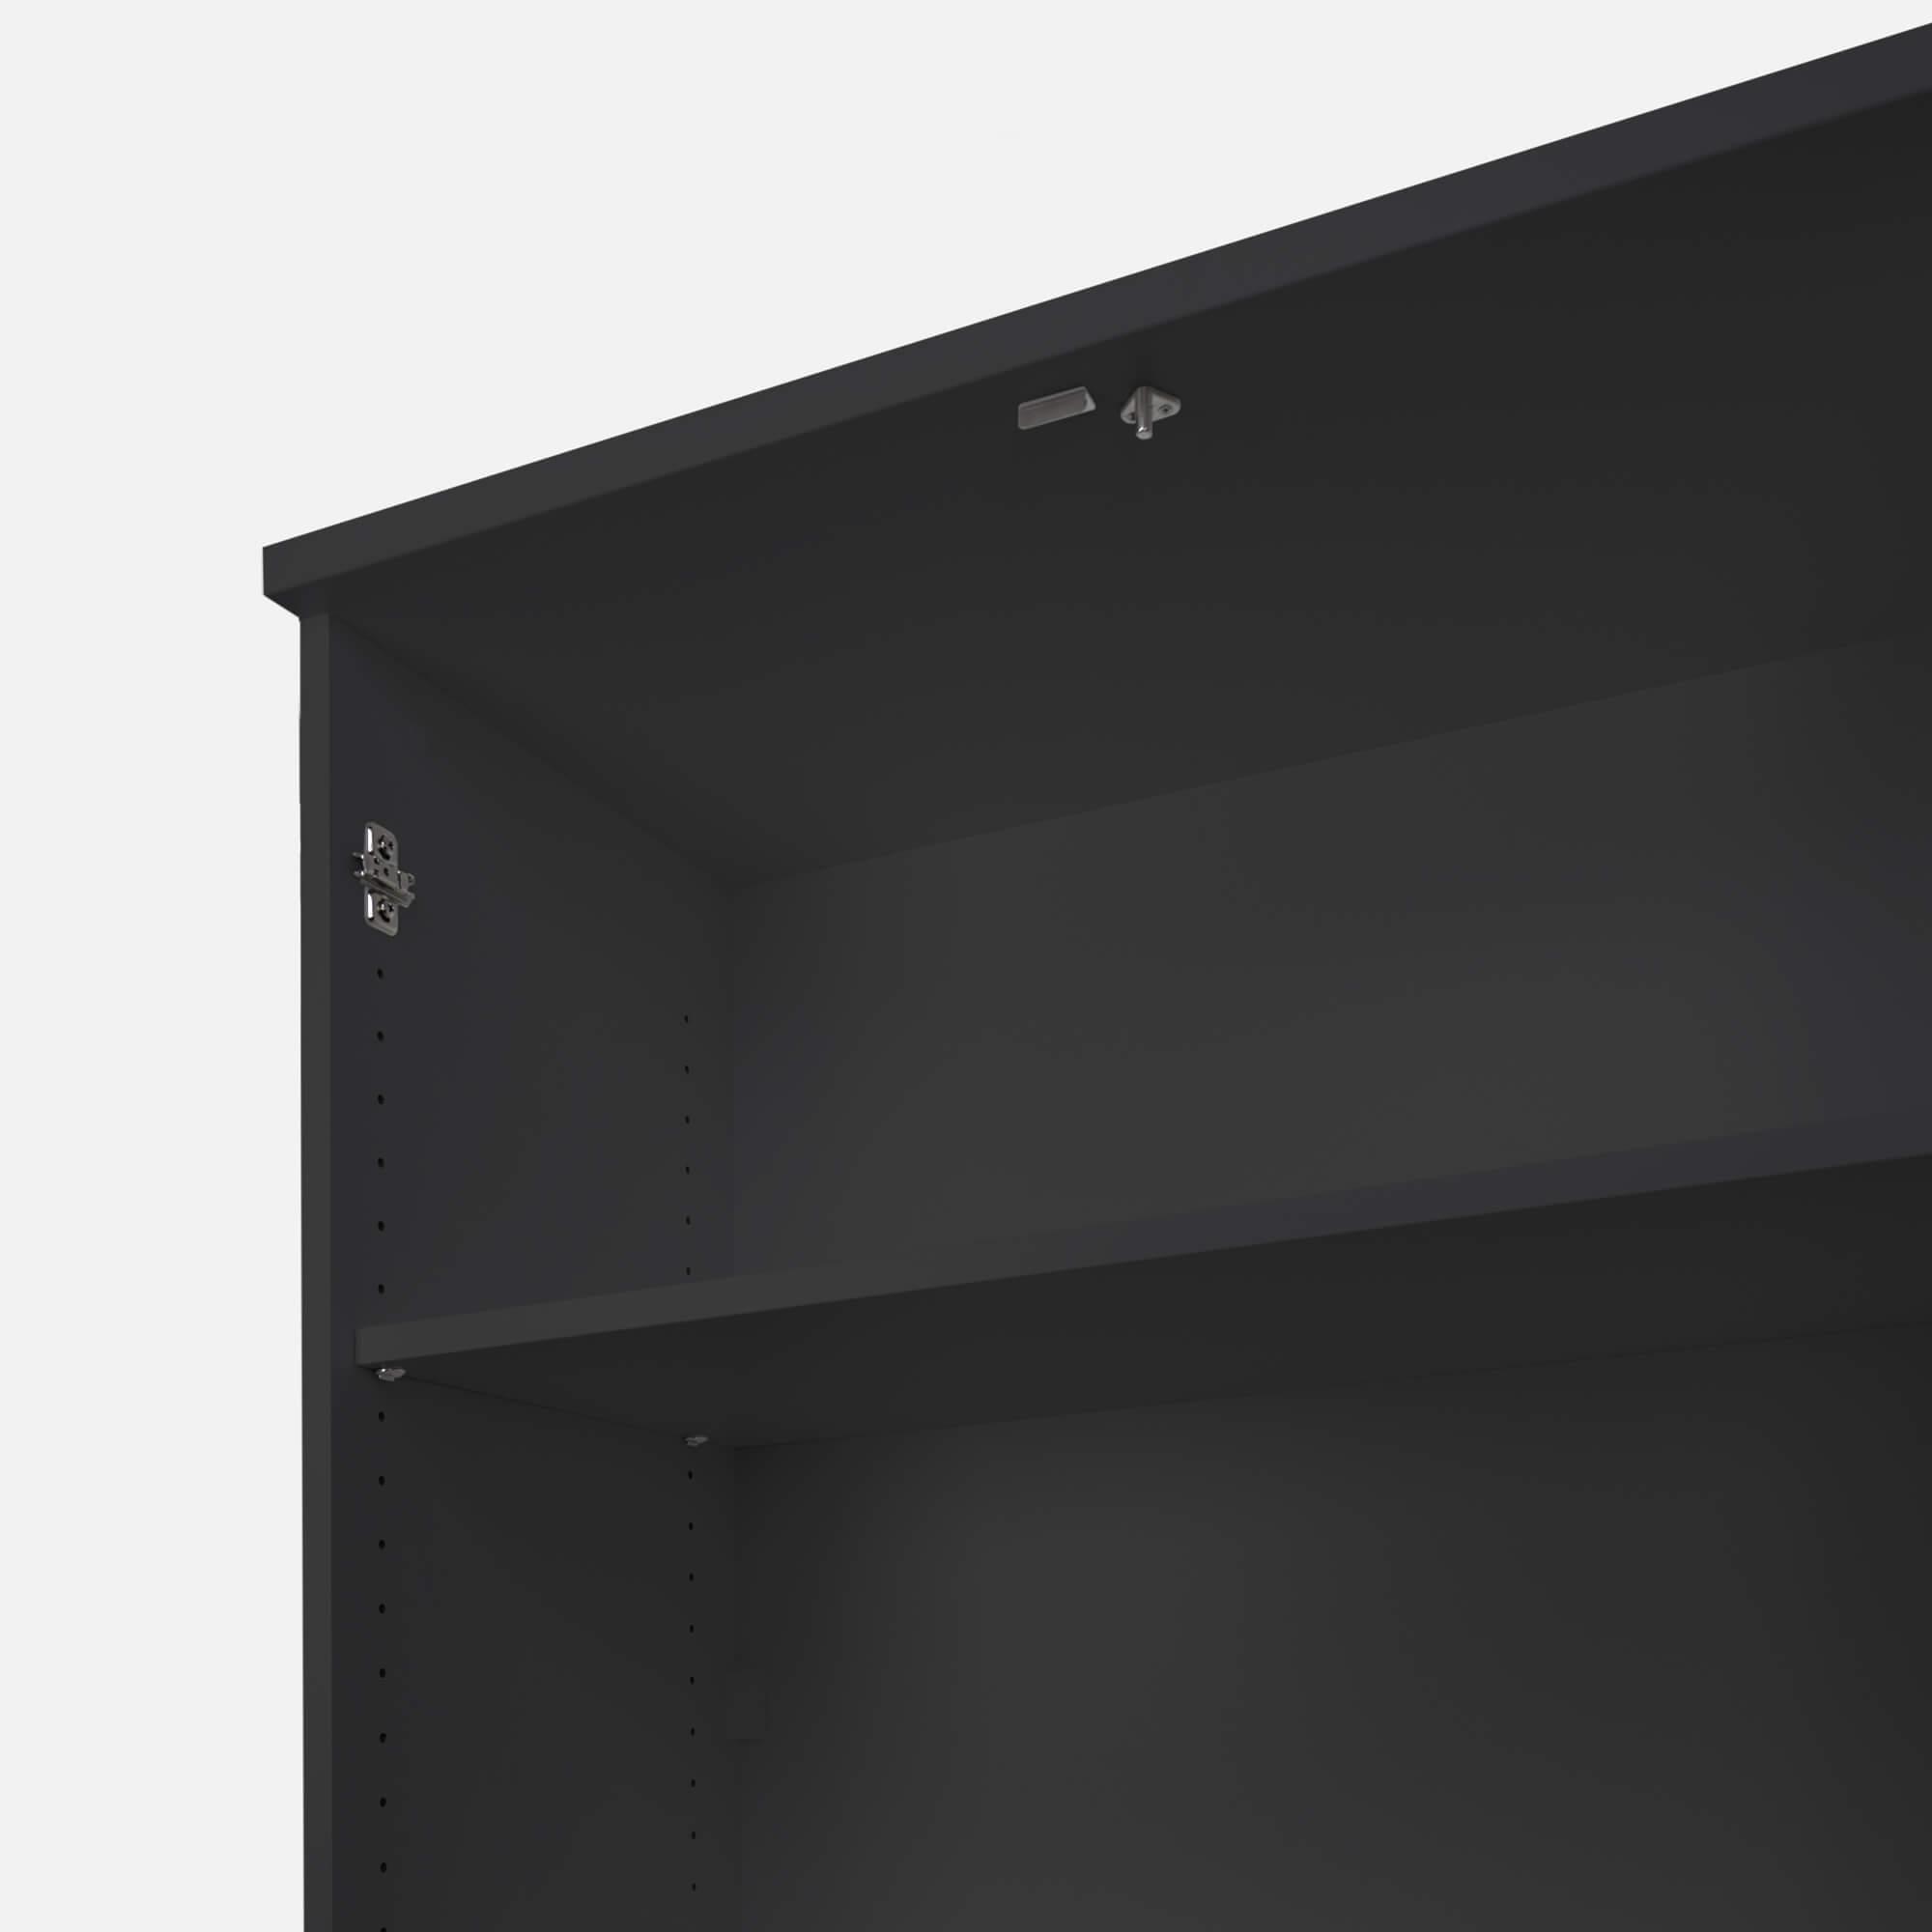 PROFI Schrankwand abschließbar Schrank Büroschrank Flügeltürenschrank Kombischrank 5 OH Anthrazit/Weiß